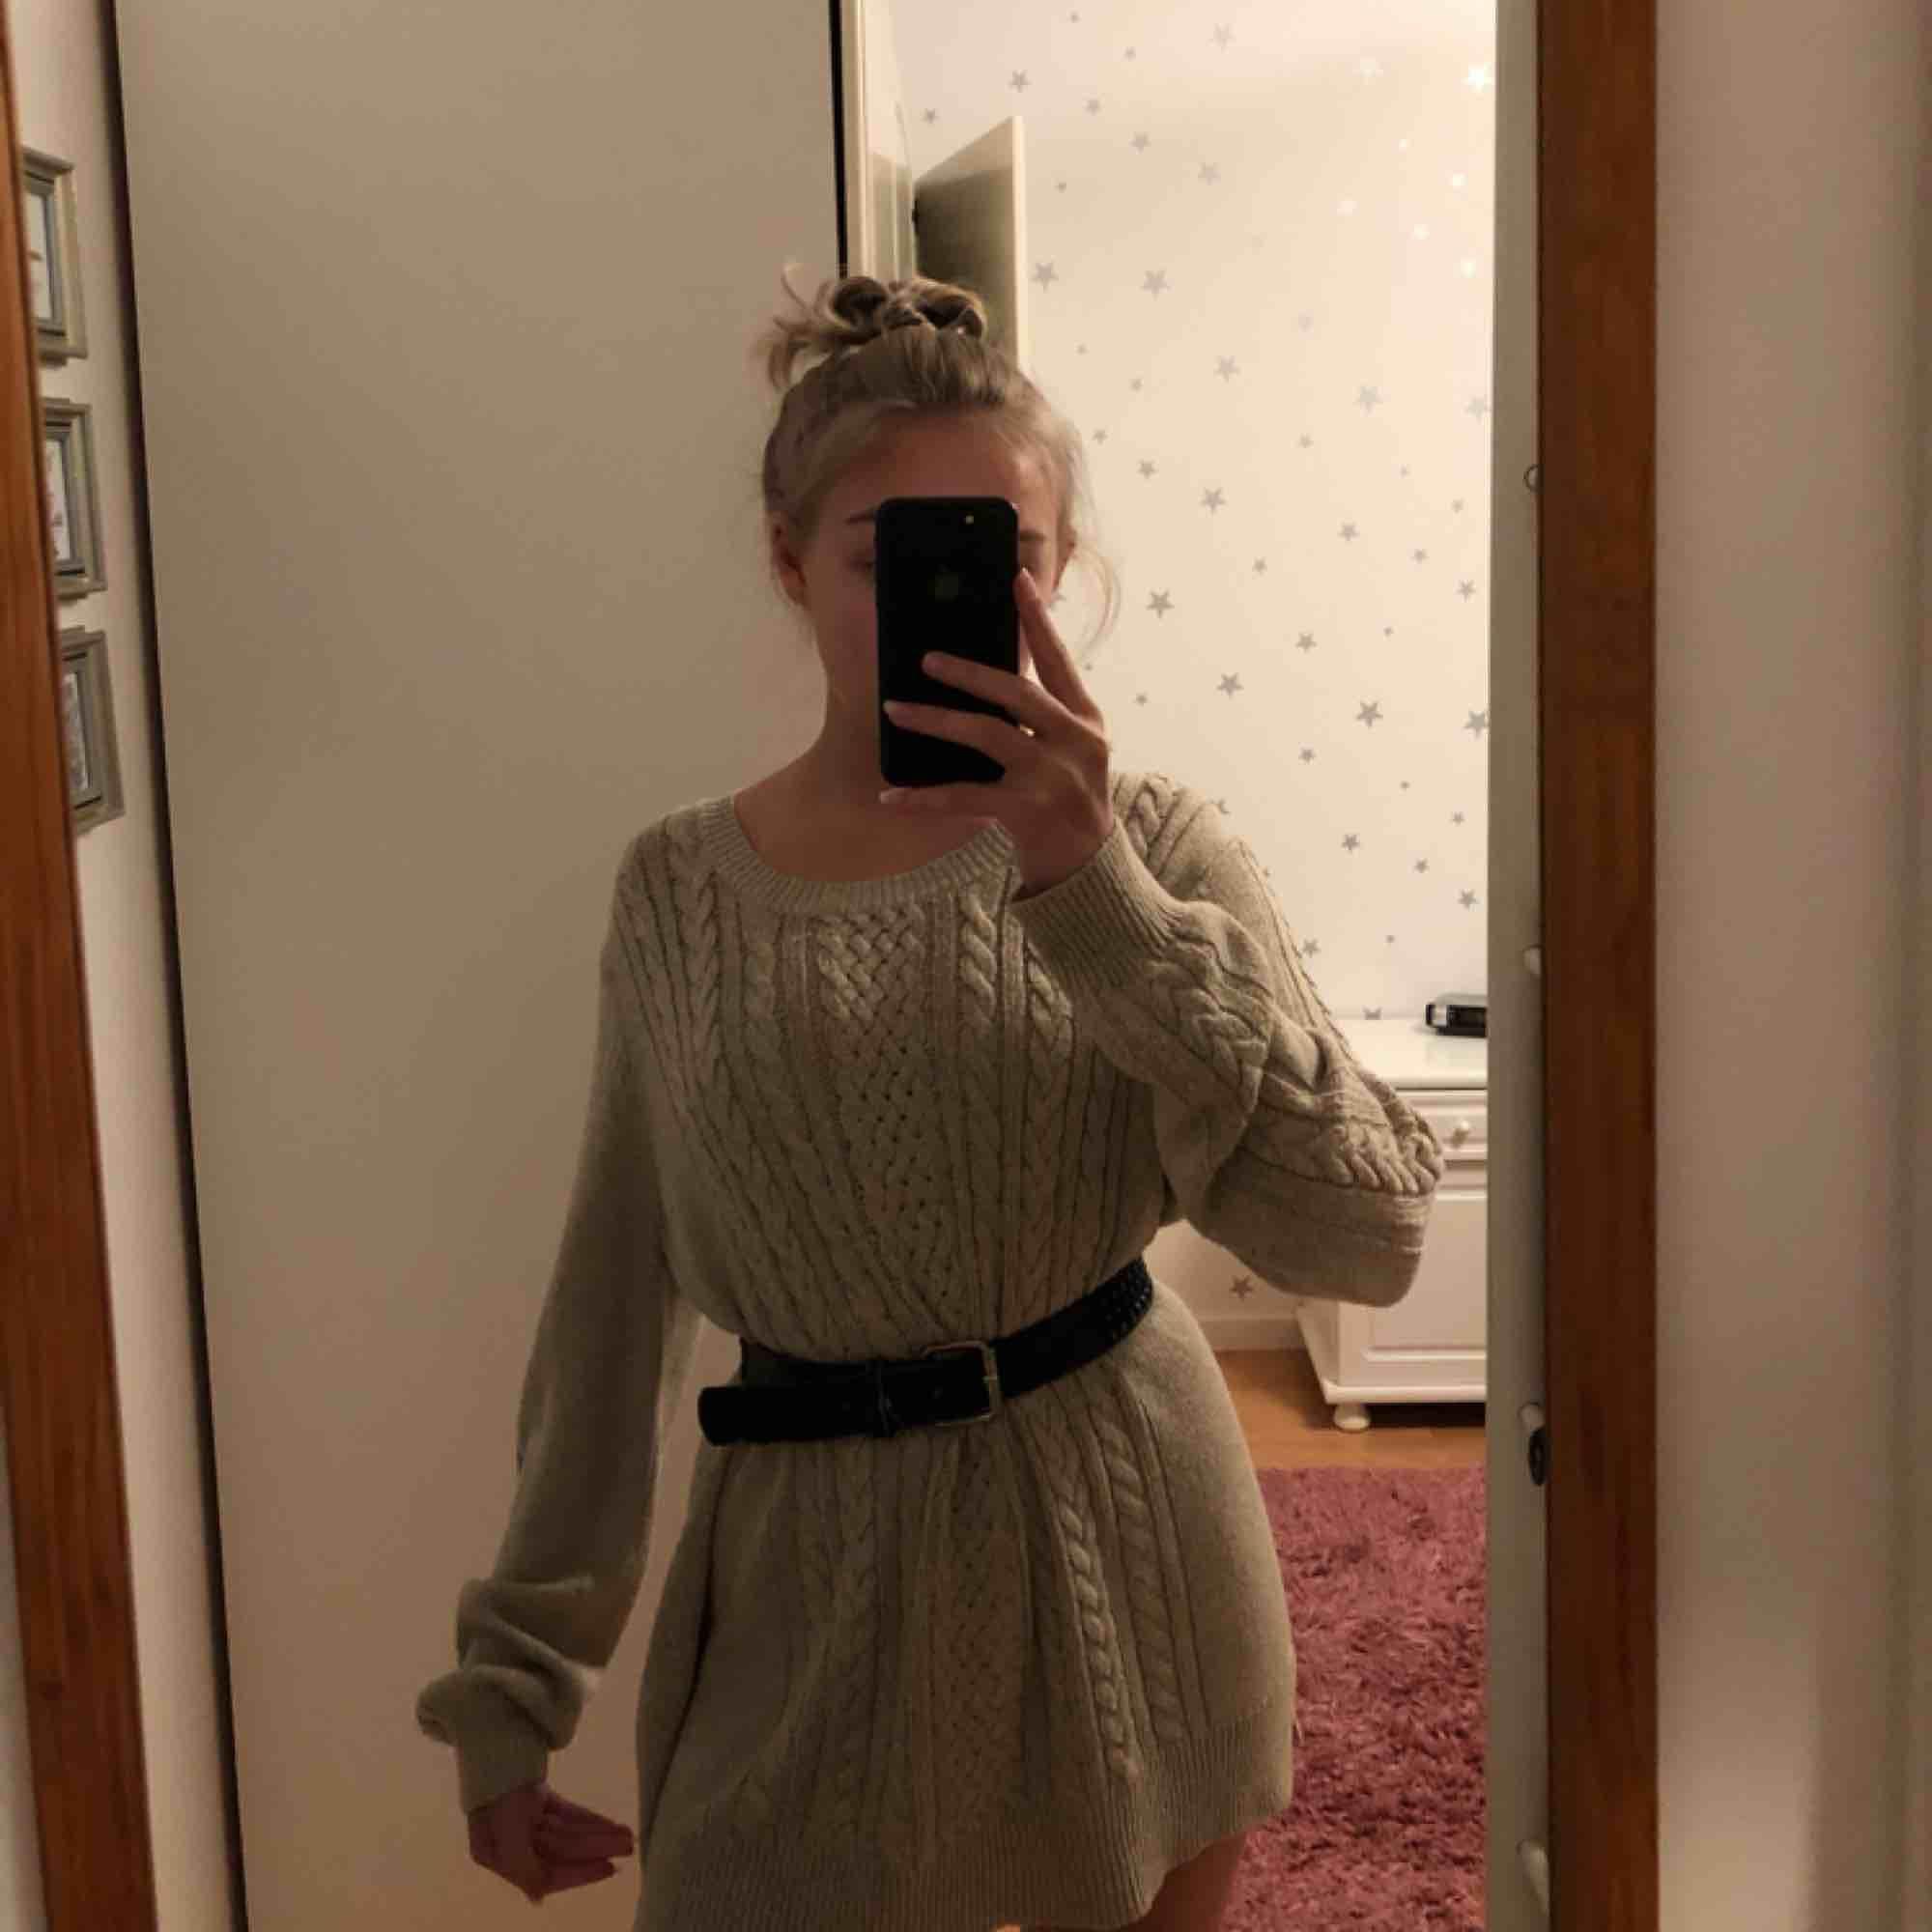 Superskön stickad tröja/klänning? Från Lindex. Jag har stylat den med ett skärp i midjan. Den går lite under rumpan på mig & jag är ca 164cm. Använd kanske 2 gånger, nyskick. Stickat.